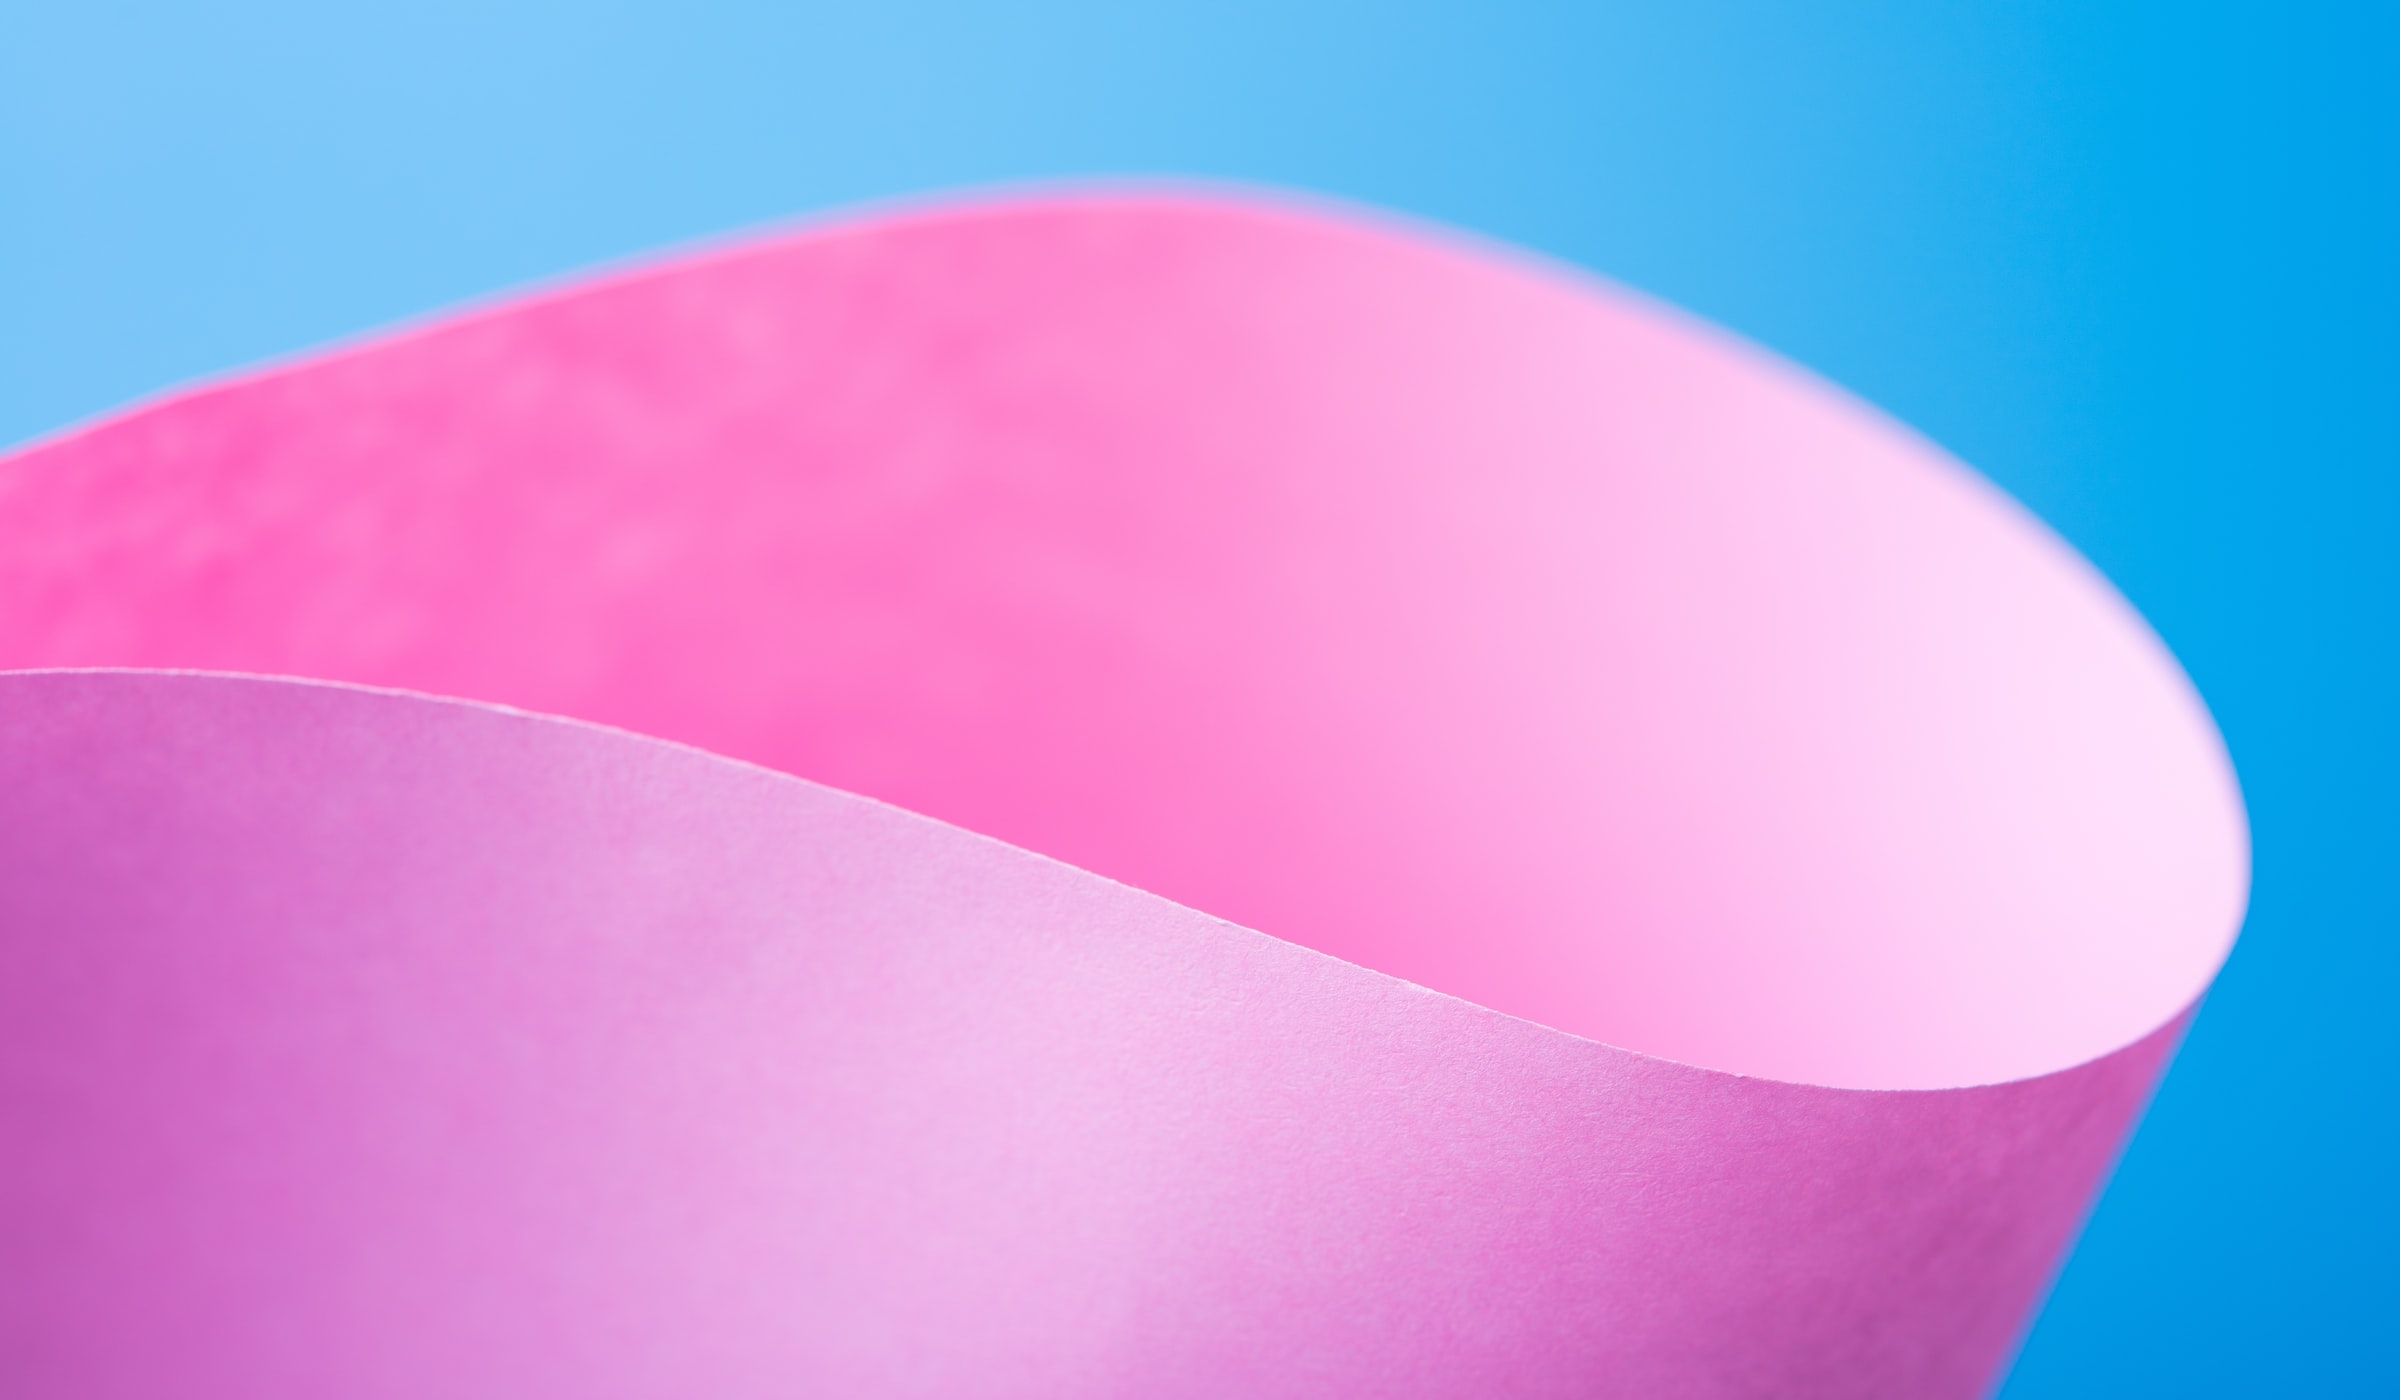 Fotografia di un foglio colorato piegato